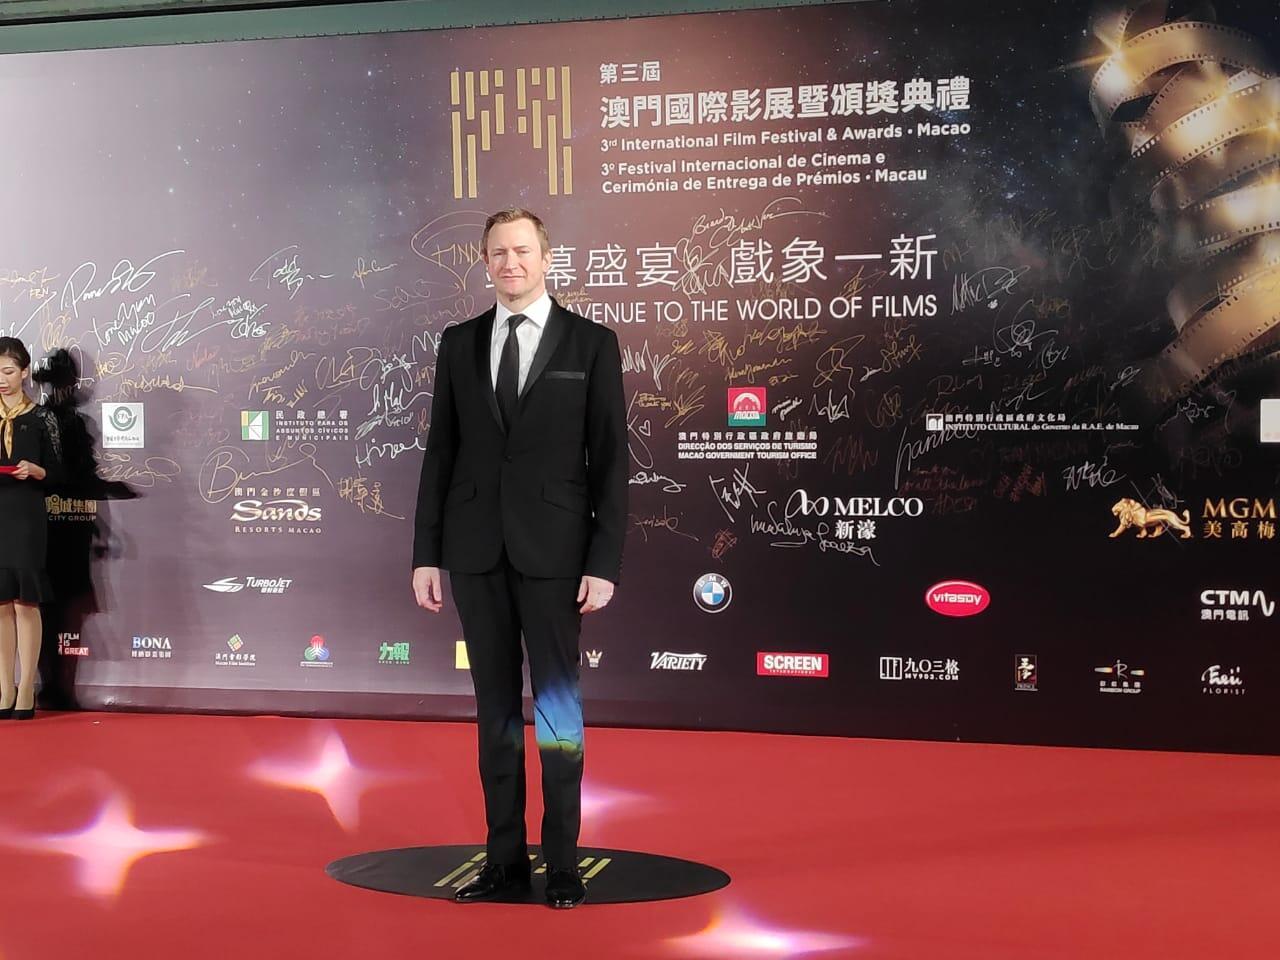 Deretan Artis Turut Meriahkan Red Carpet Closing Ceremony IFFAM 2018